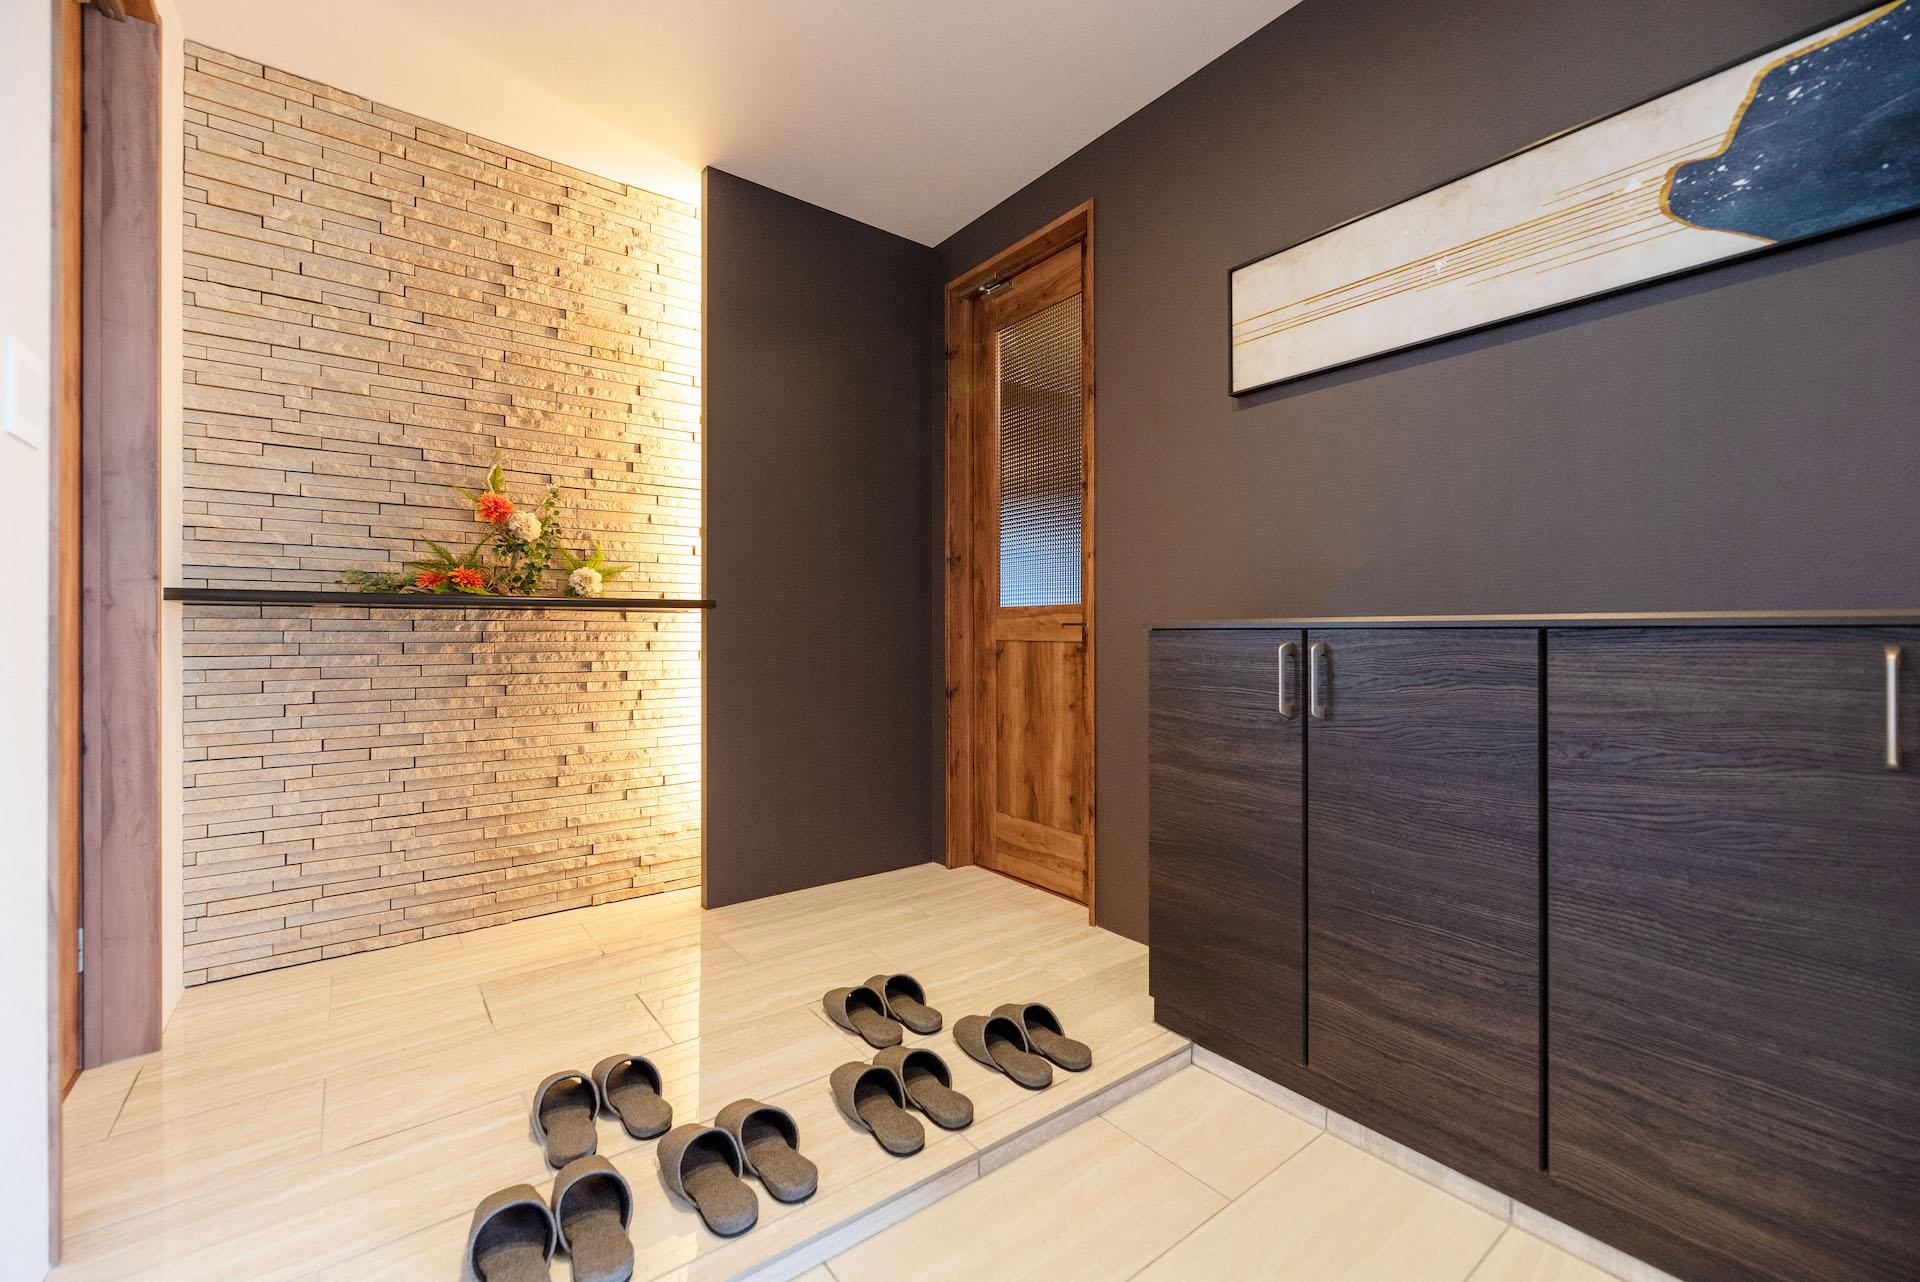 irohaco (アヴァンス)【駿東郡清水町堂庭241-22・モデルハウス】広々とした玄関スペース。間接照明が映し出すタイルの陰影が美しい